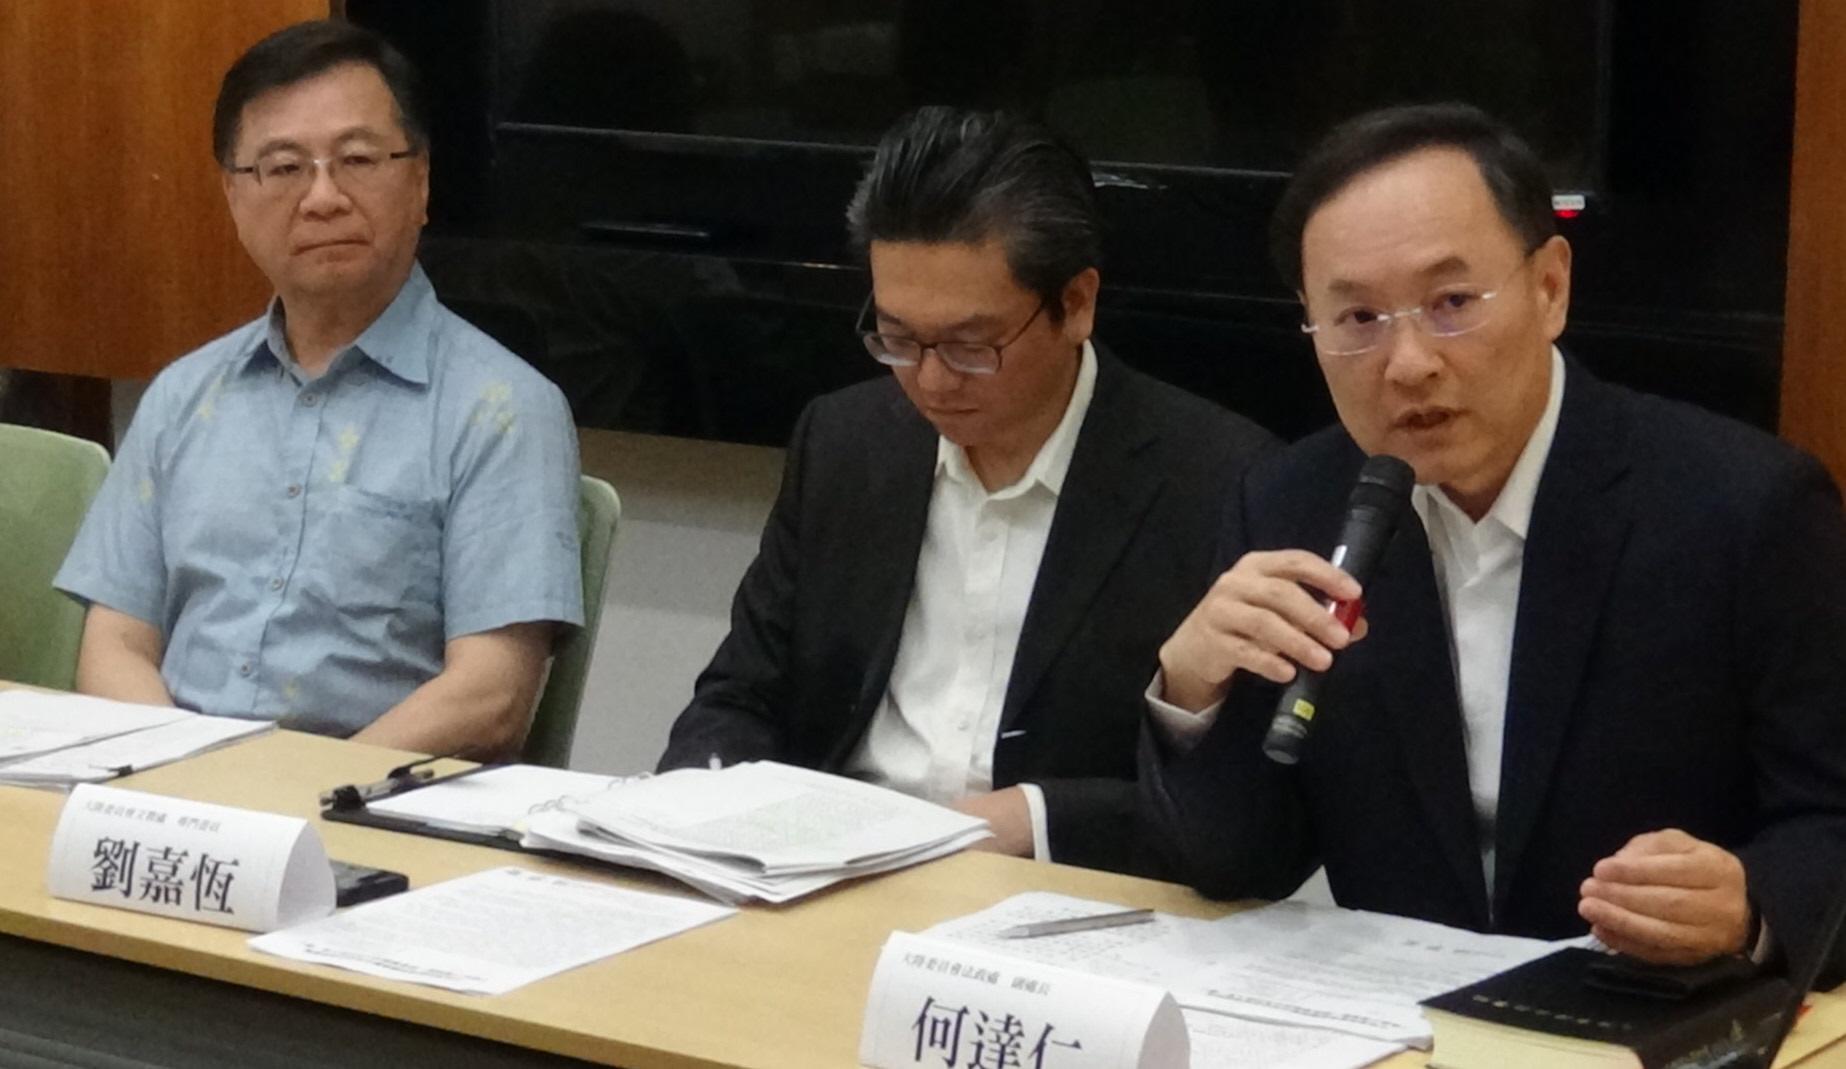 陆委会和教育部官员列席答覆国民党立委质疑台湾学者赴陆任教相关规定。(记者夏小华摄)